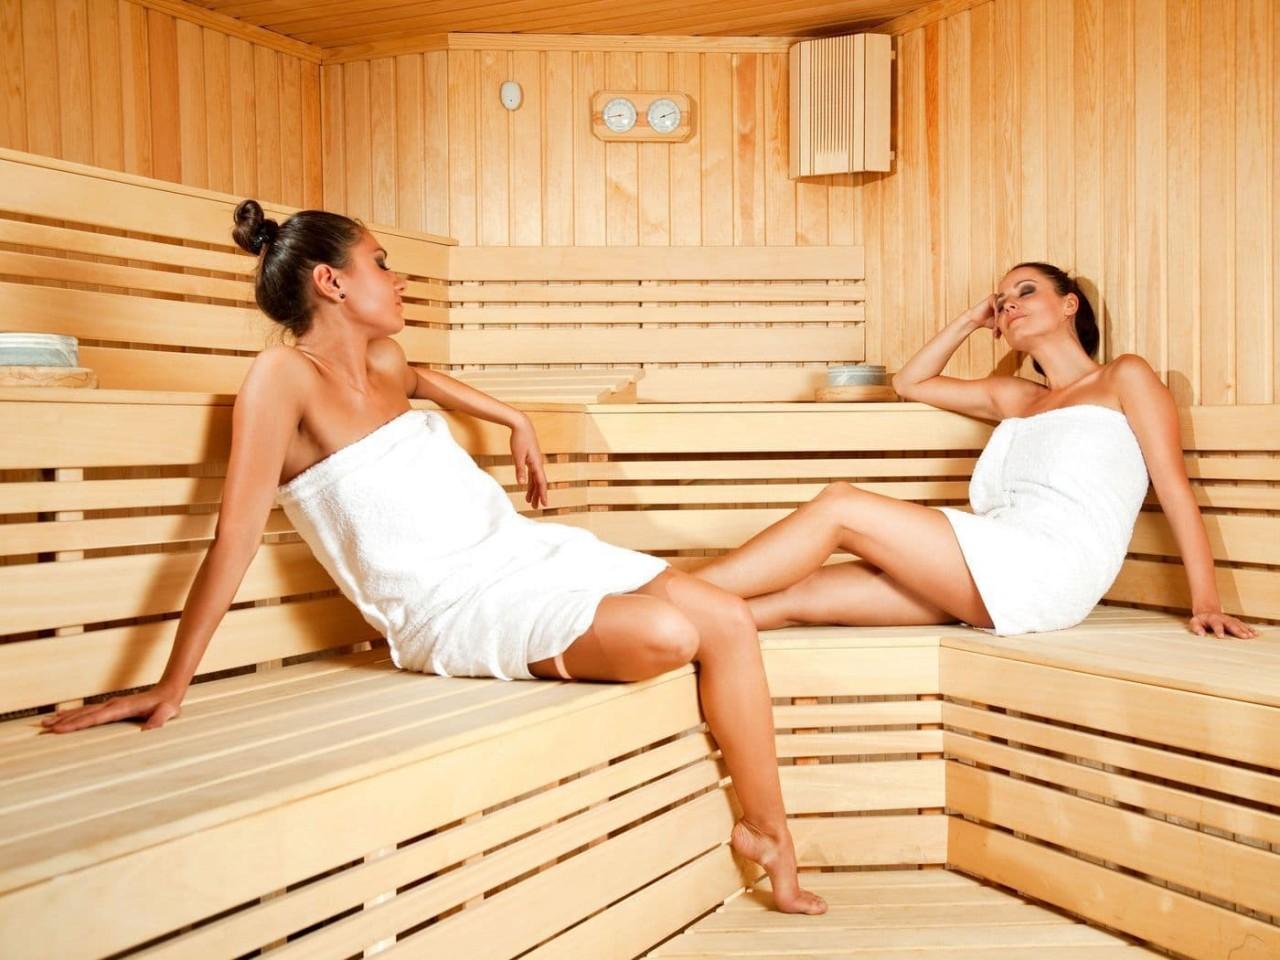 sauna-s-zhenshinami-onlayn